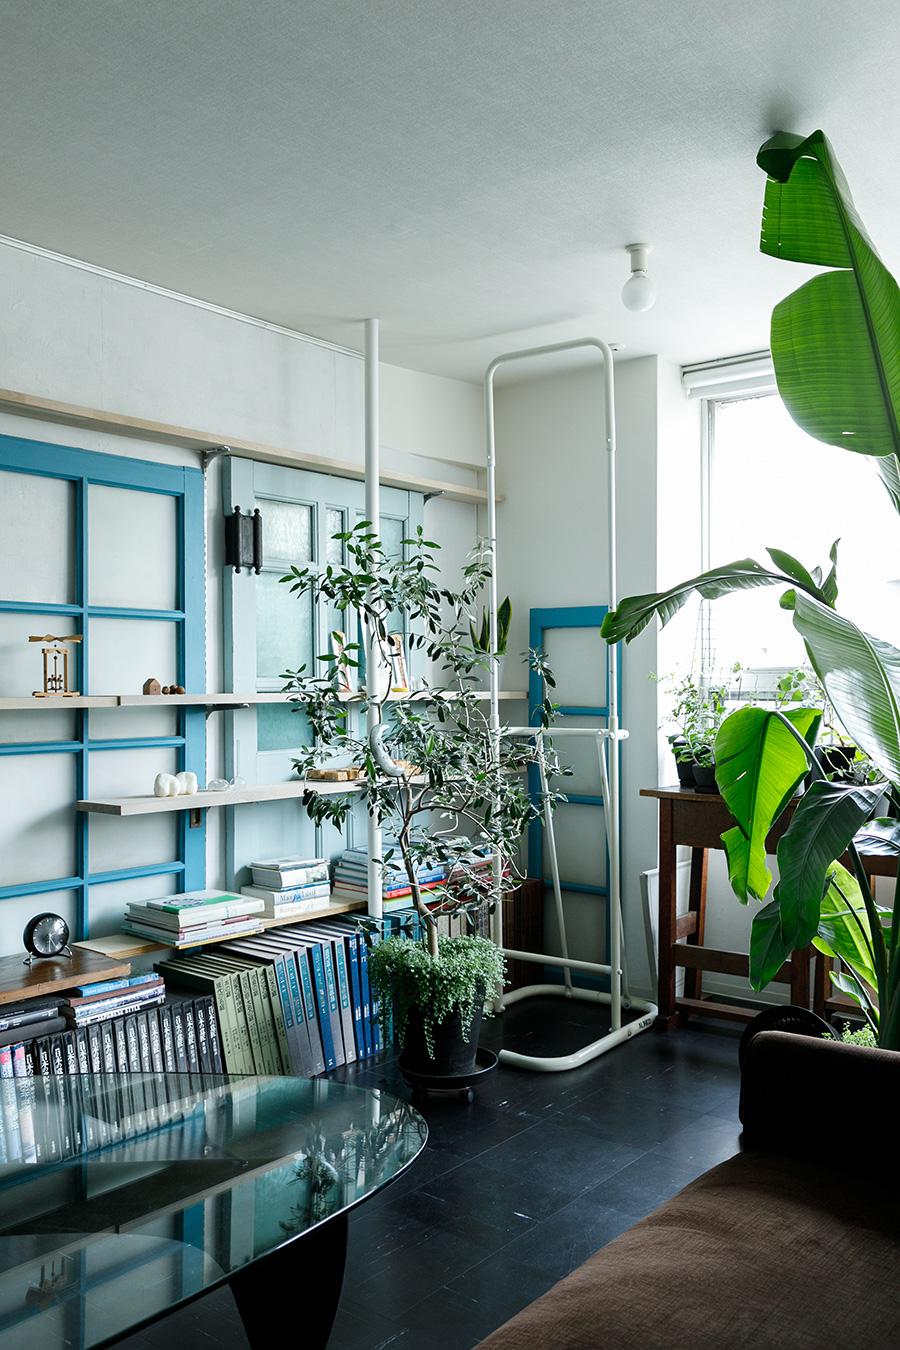 つきあたりの壁にたてかけた濃いブルーのはしごのような建具も同じく戦前の集合住宅で使われていたもの。手前はぶら下がり健康器。配管と合わせて白く塗装することで、空間になじませた。